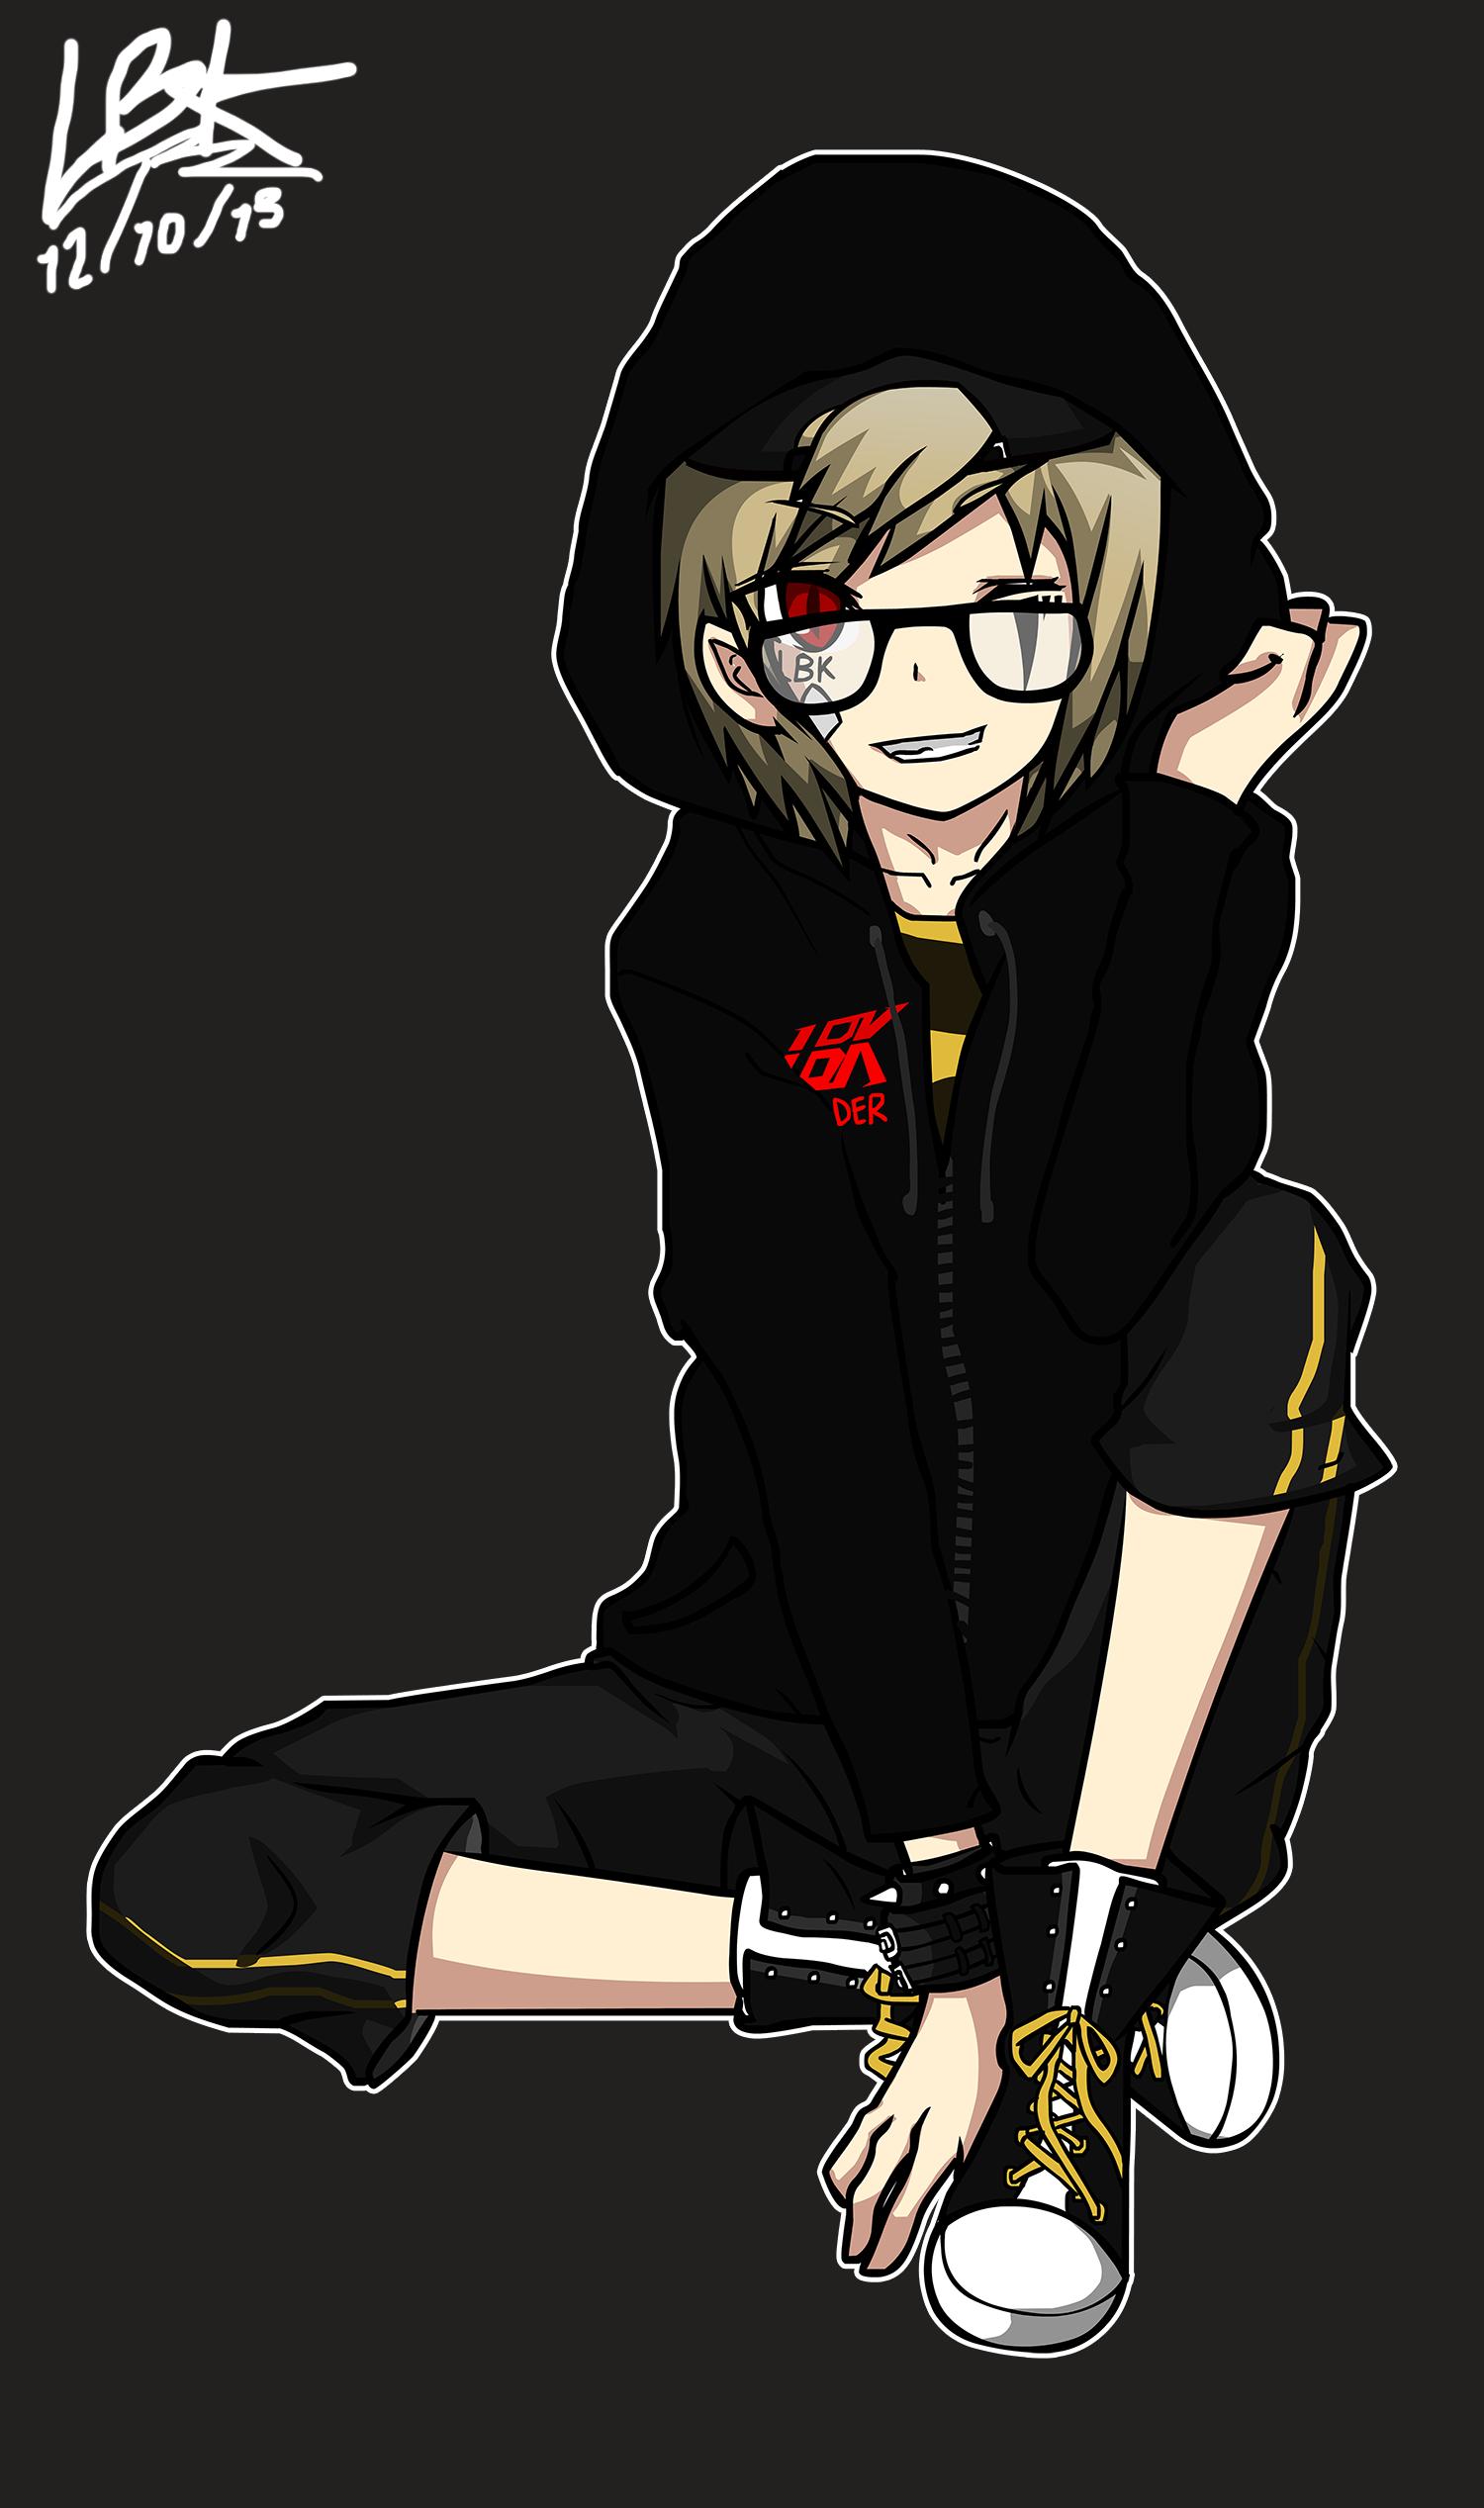 LBK Leader hoodie style